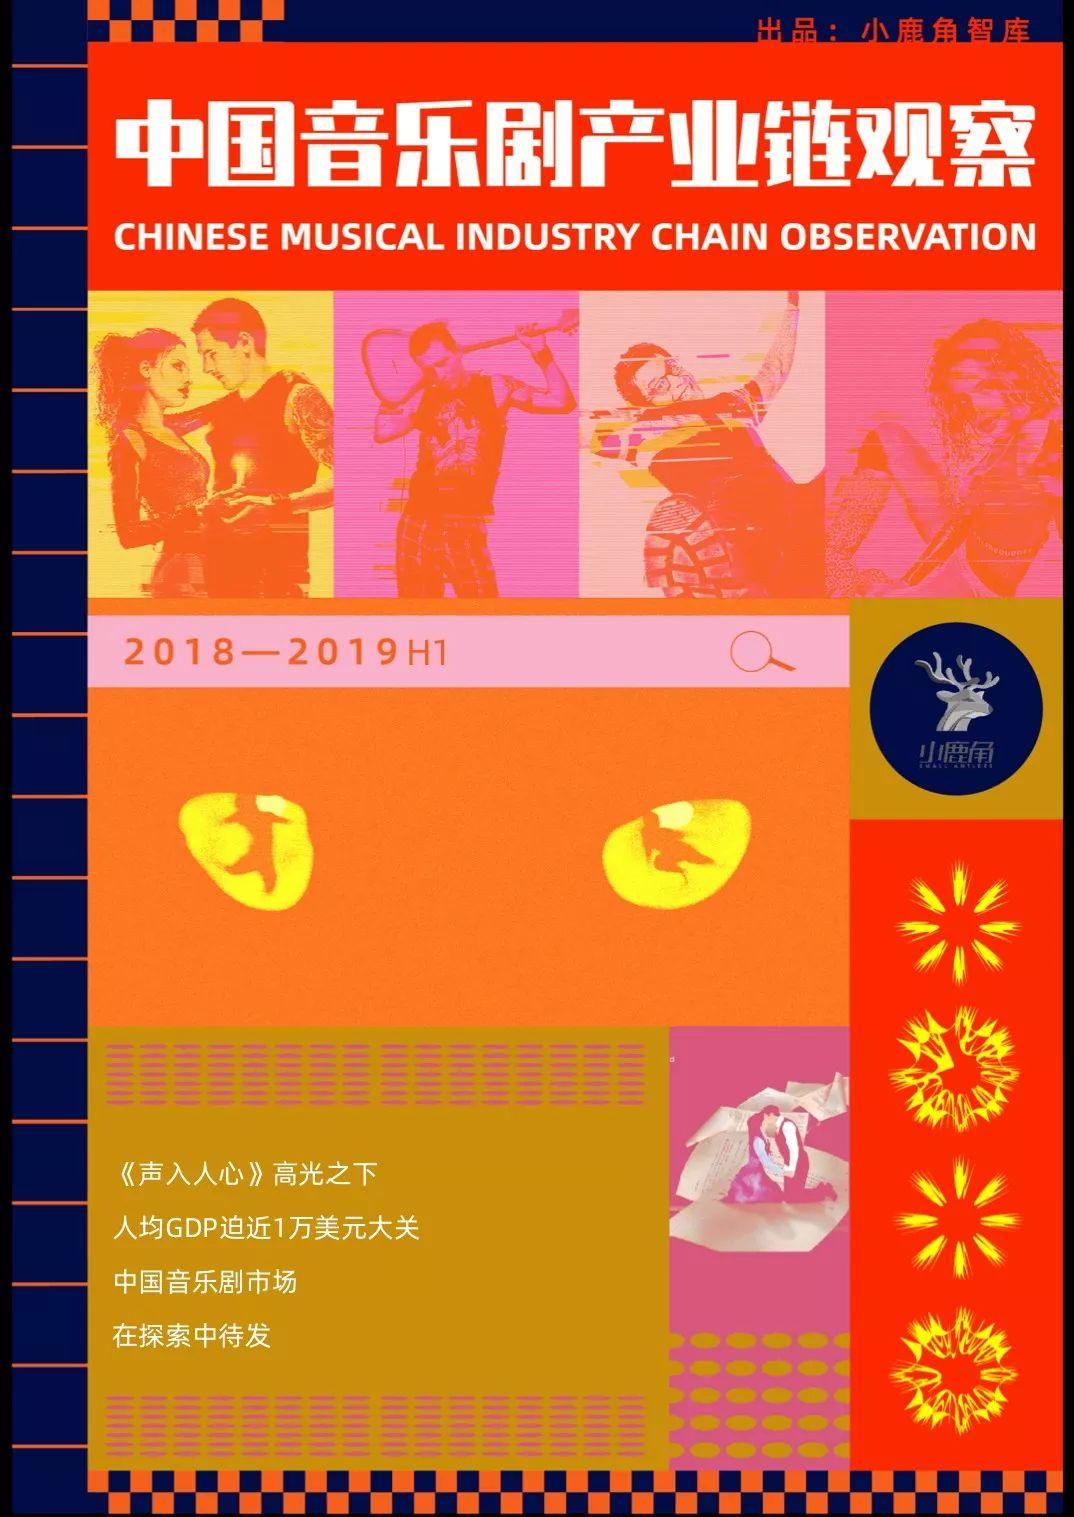 文学-VIP会员优享 | 中国音乐剧全产业链观察(中)(1)